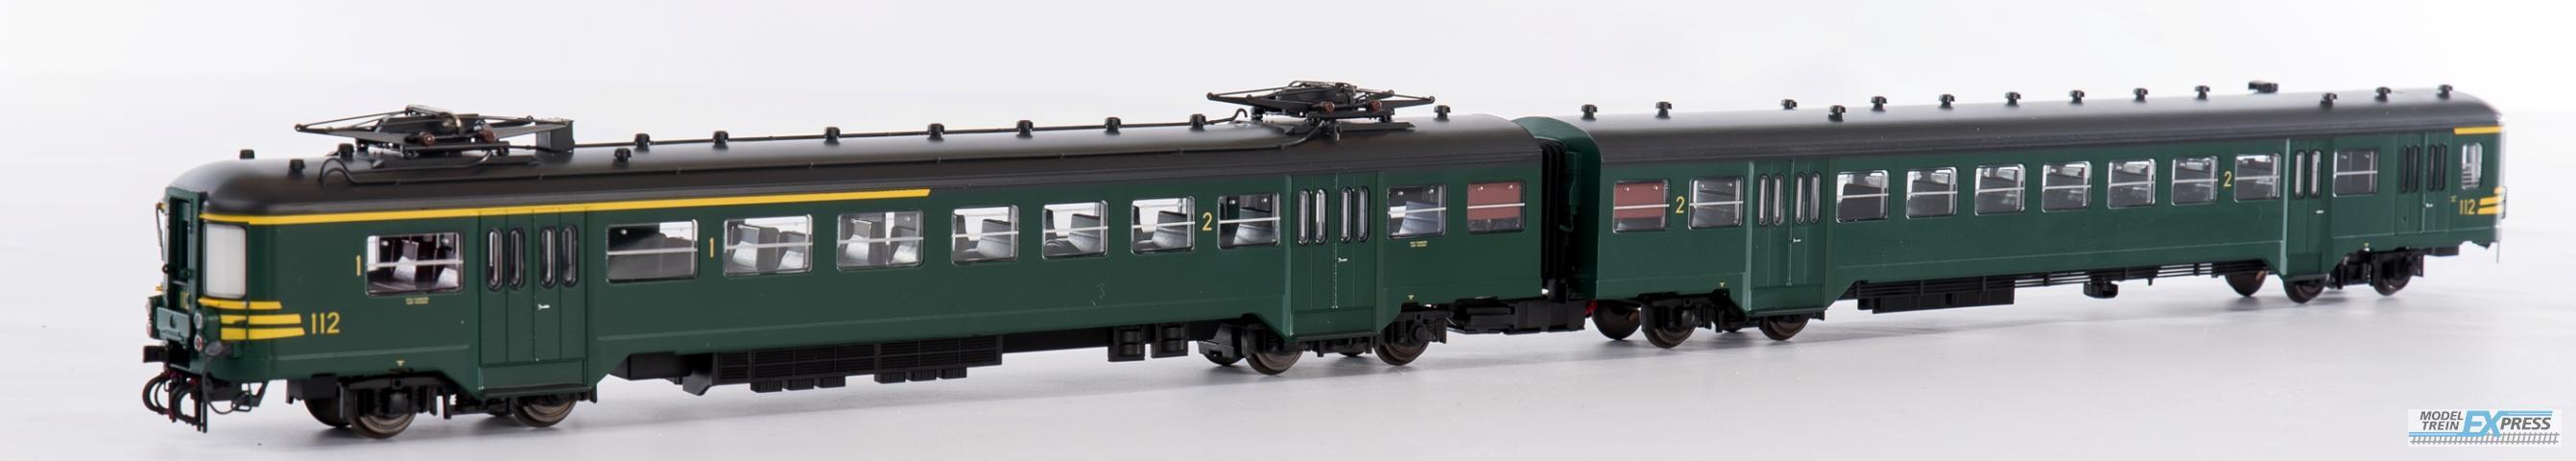 B-Models 7002.03